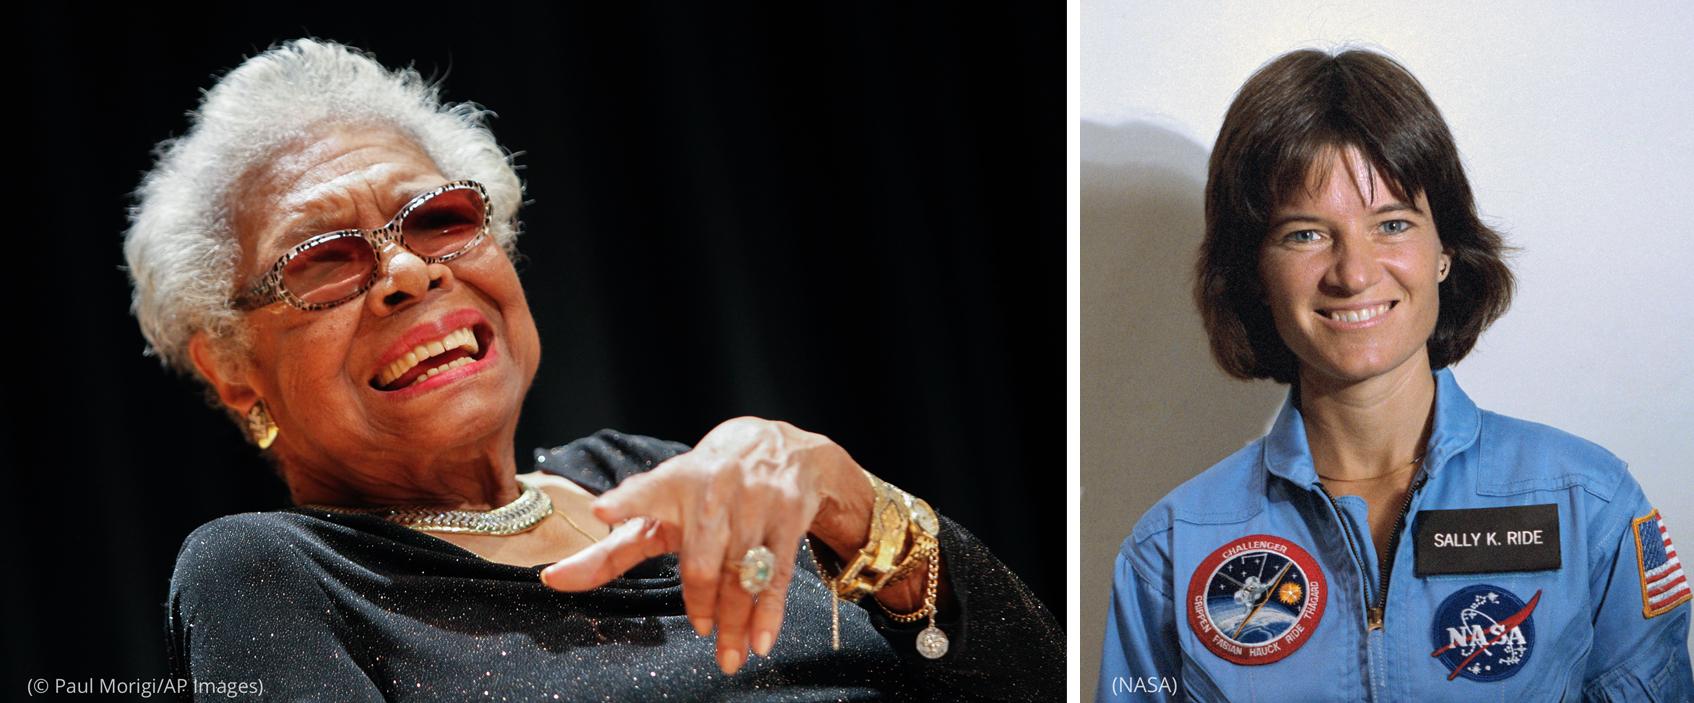 Gabungan foto Maya Angelou dan Sally Ride tersenyum (© Paul Morigi/AP Images) (NASA)